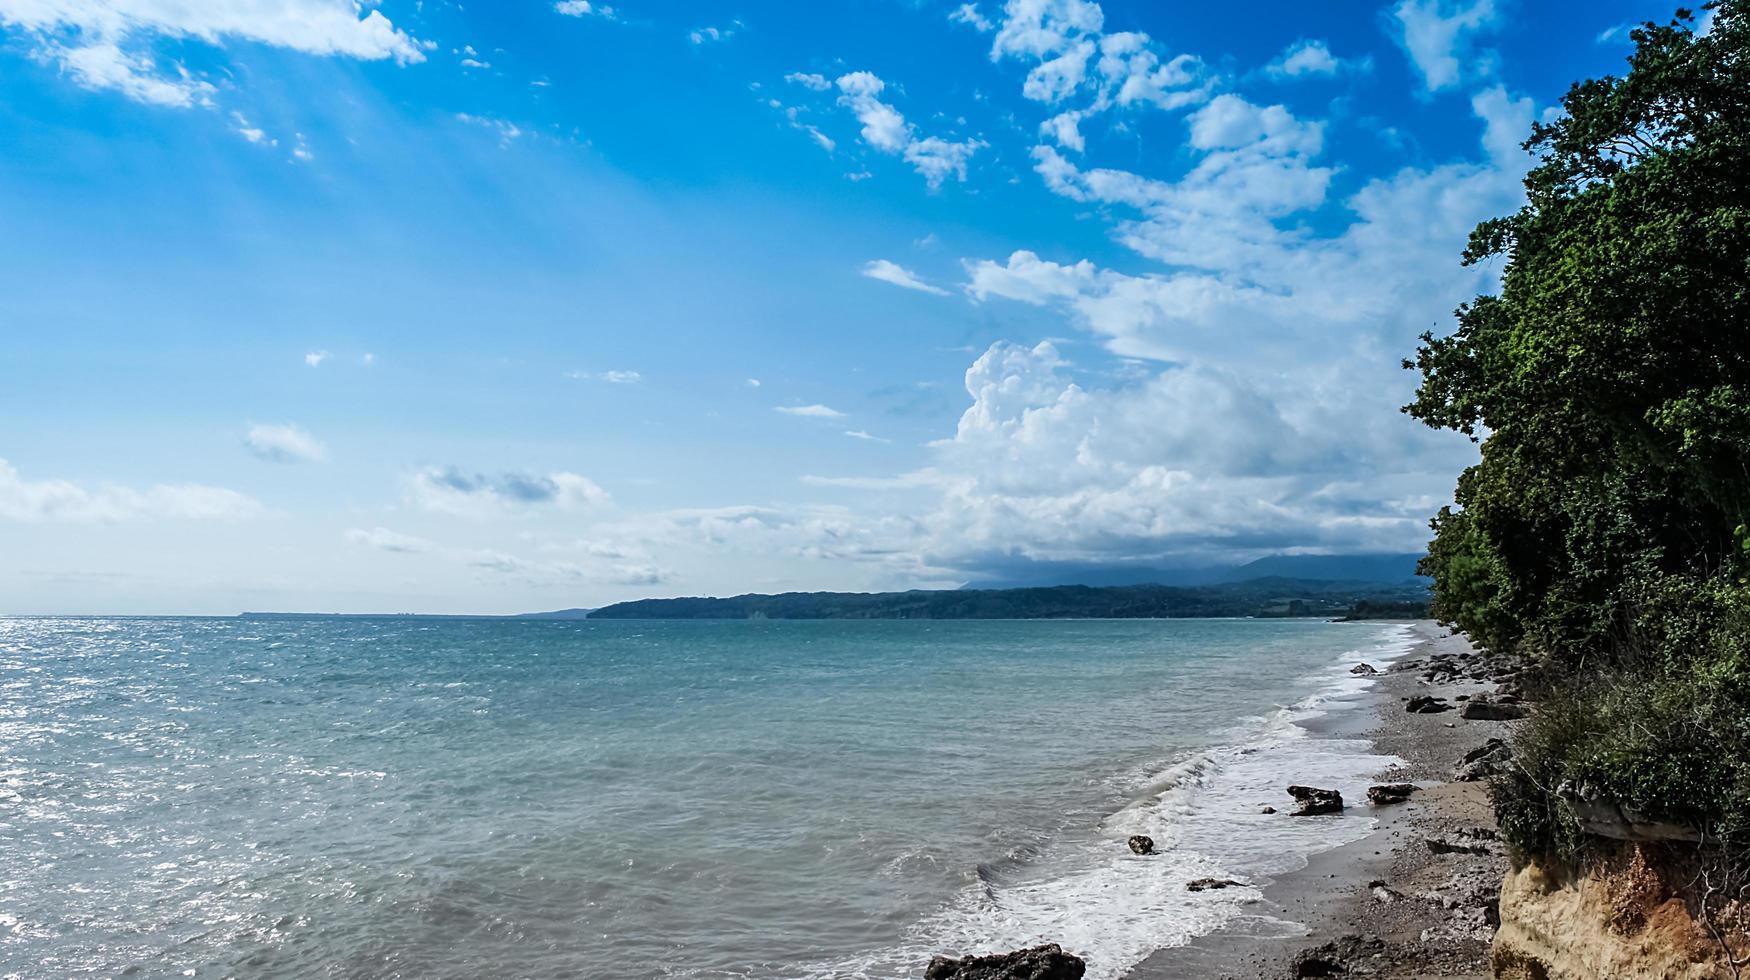 paisaje marino con una playa de guijarros en abjasia foto